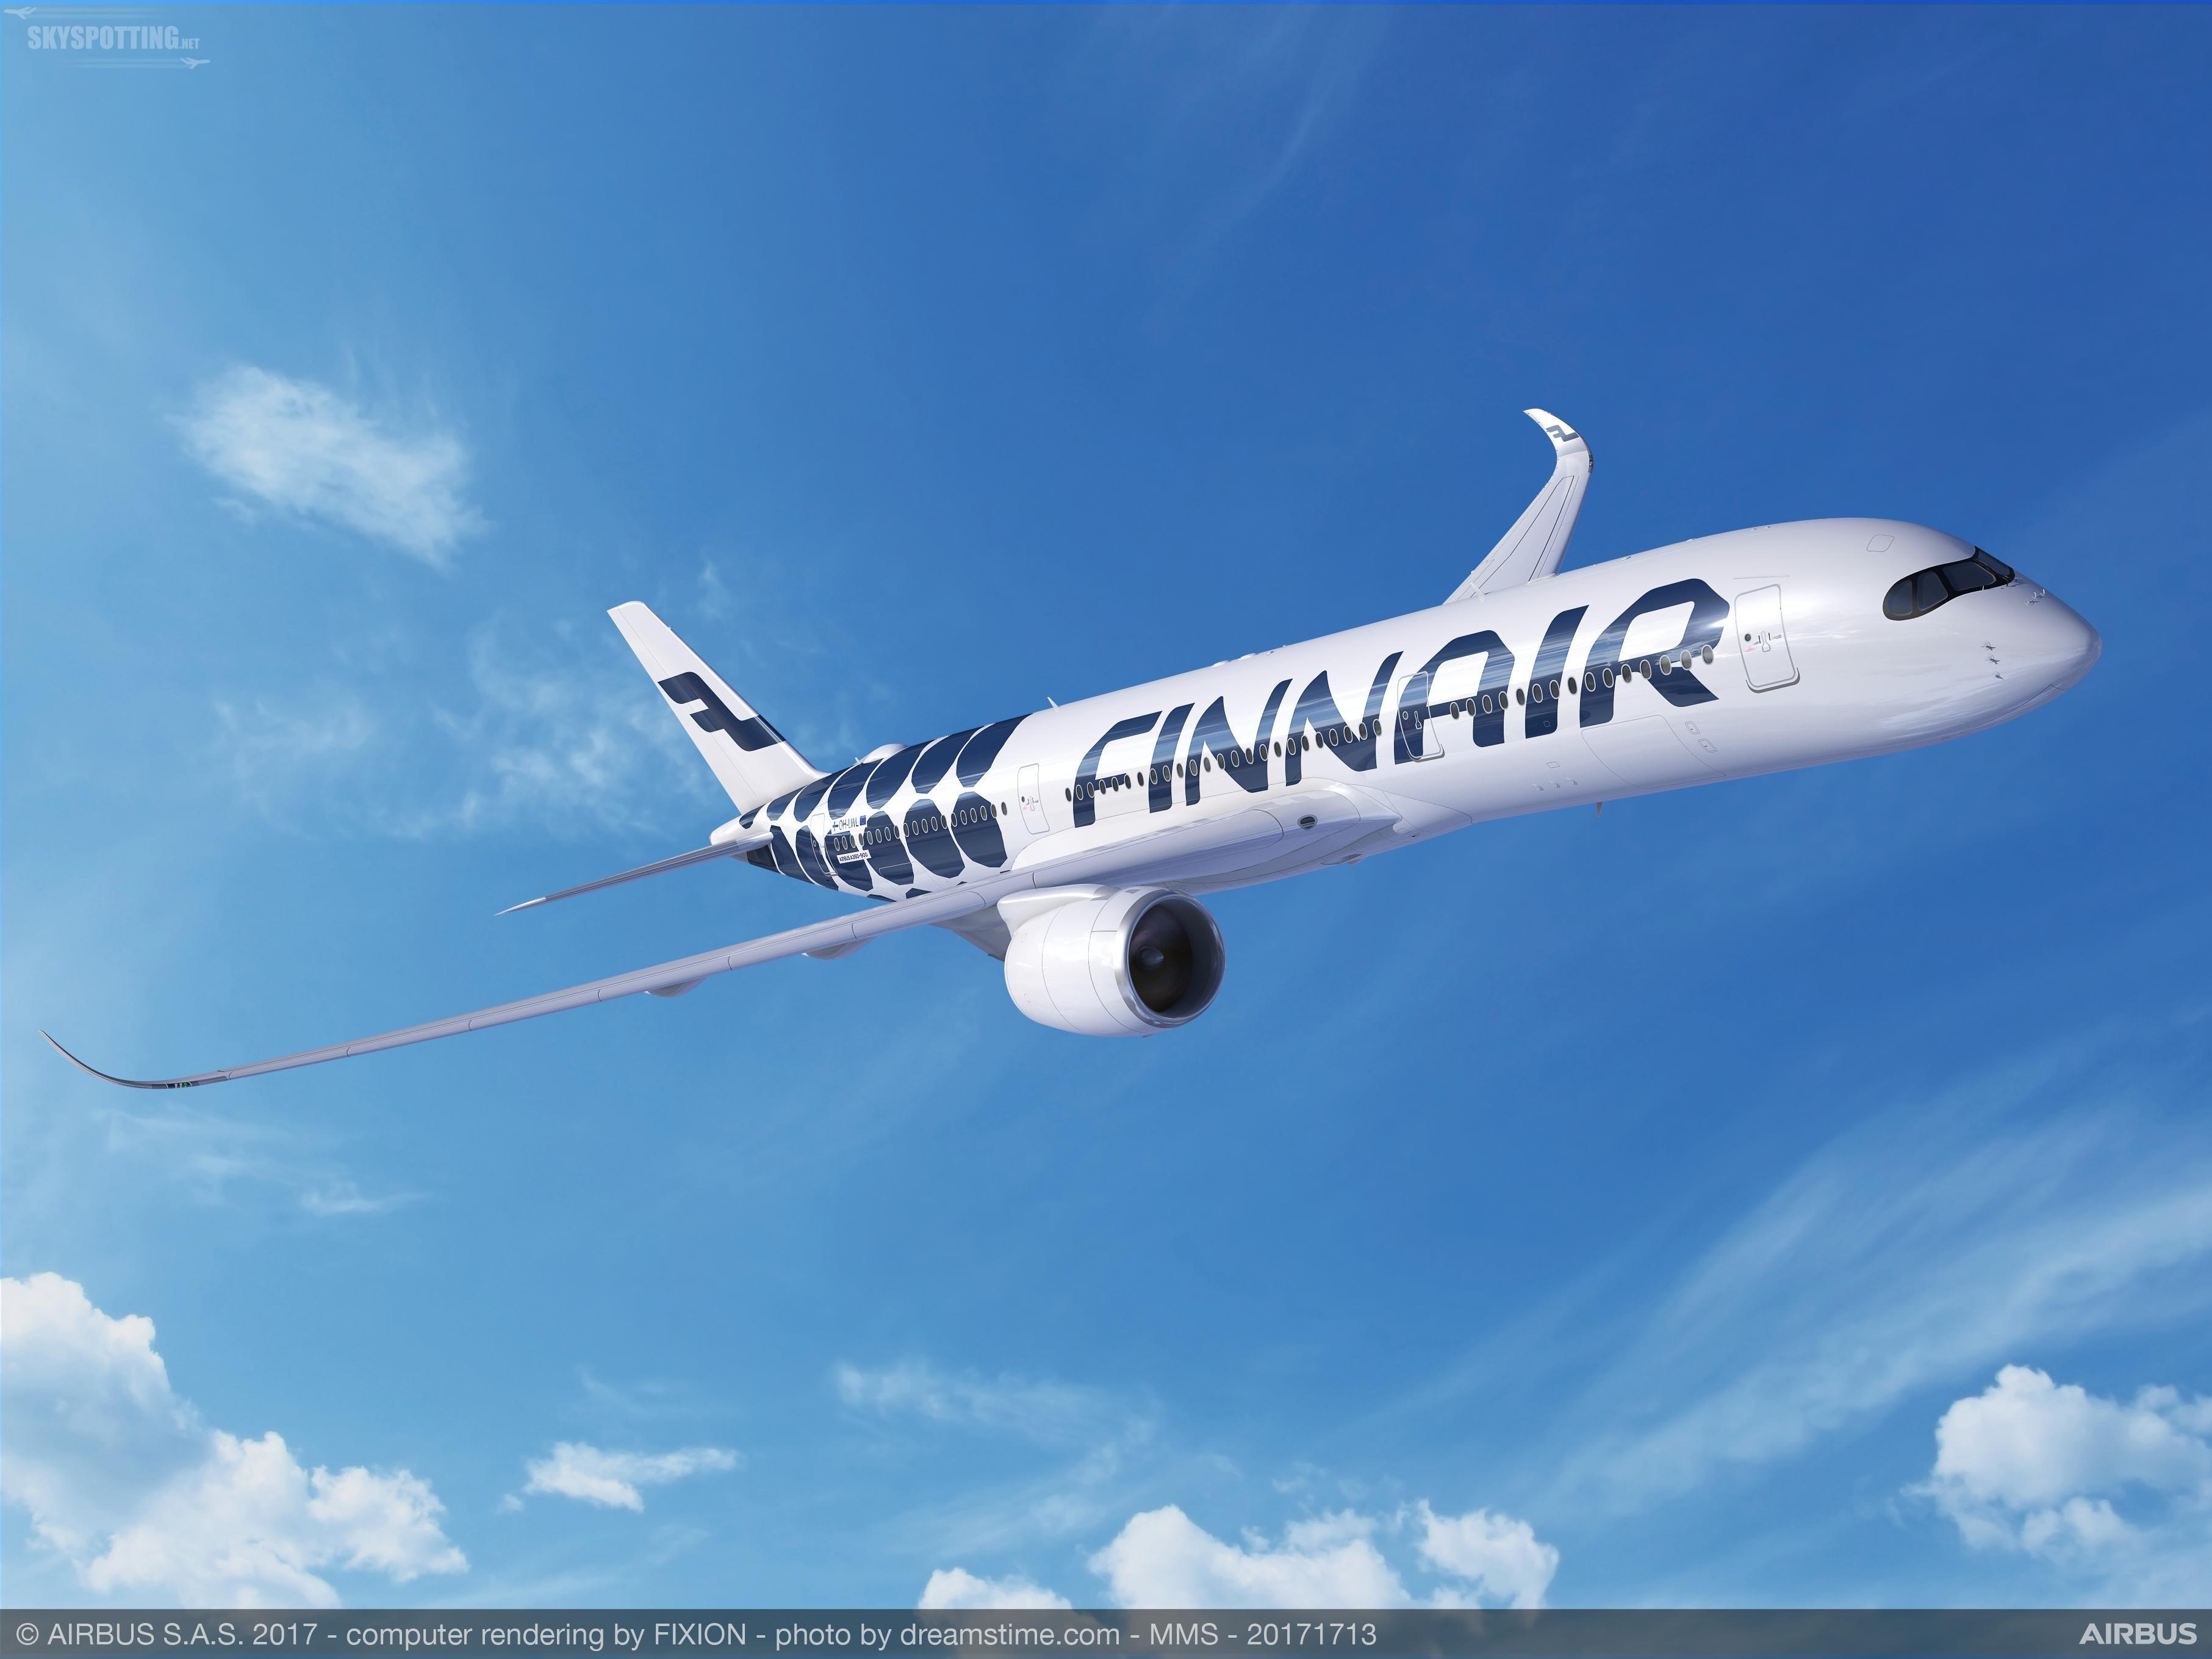 APEX wyróżnia Finnaira czterema gwiazdkami światowych linii lotniczych na podstawie opinii klientów